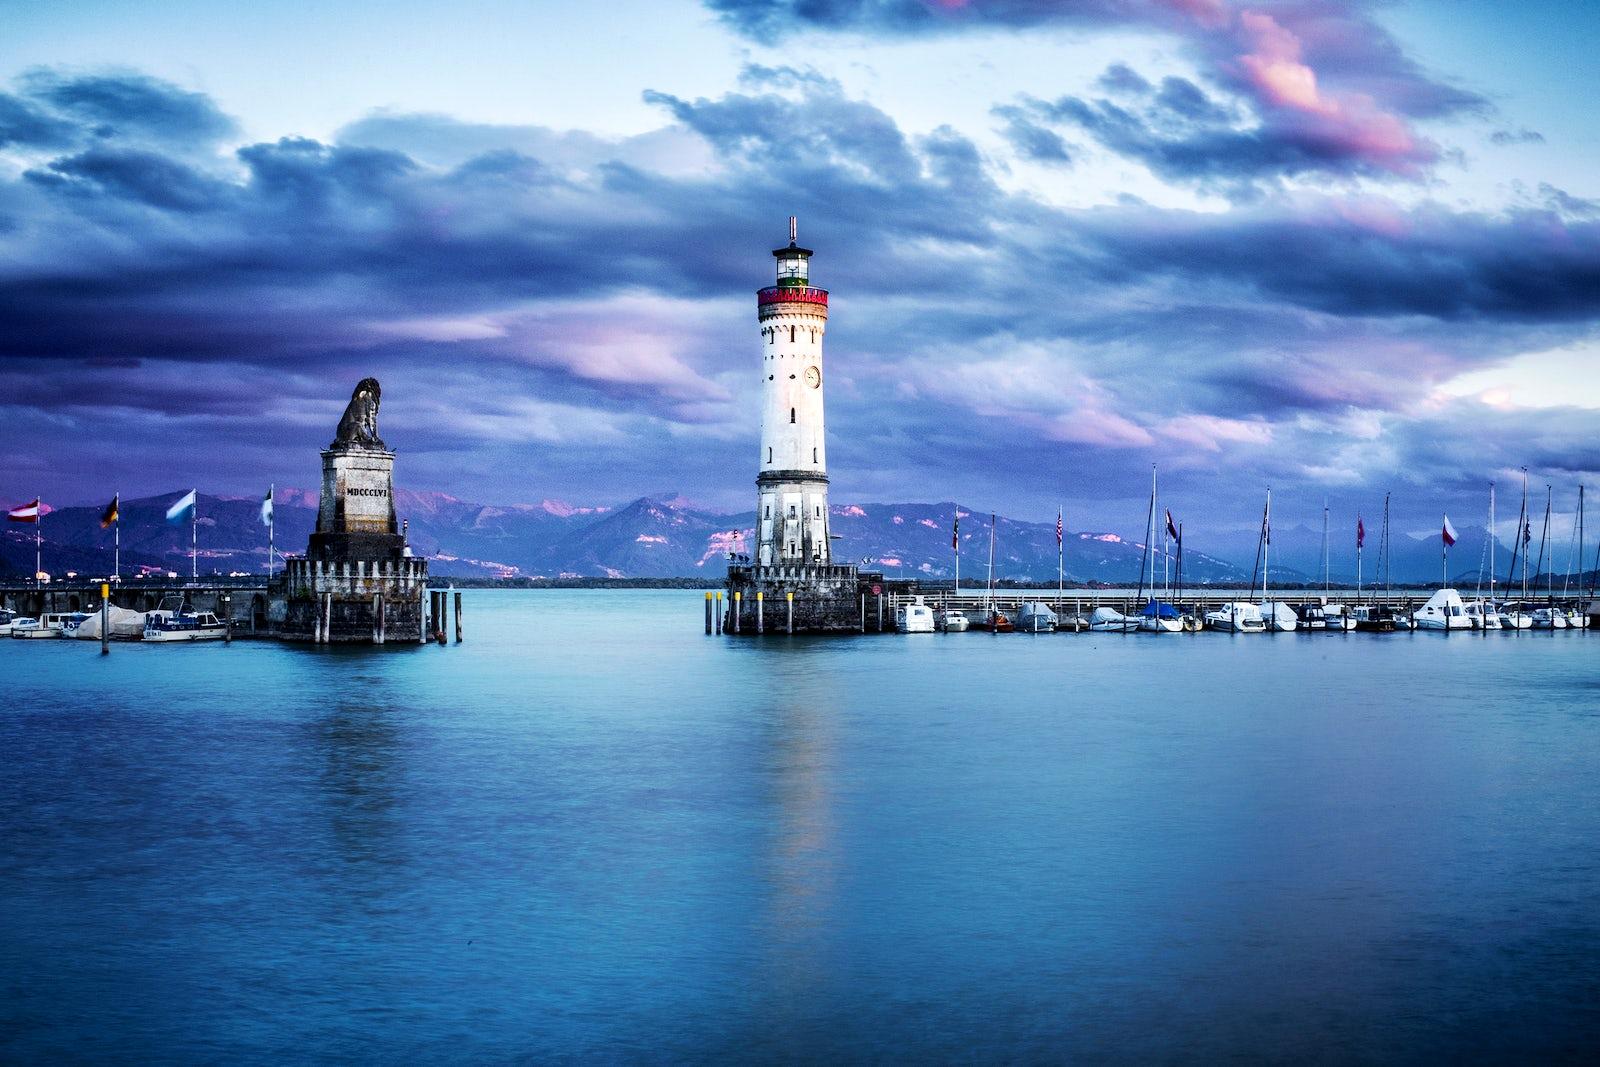 Lago Di Costanza Germania Cartina.5 Fusi Orari 3 Paesi 2 Nomi 1 Lago Lago Di Costanza